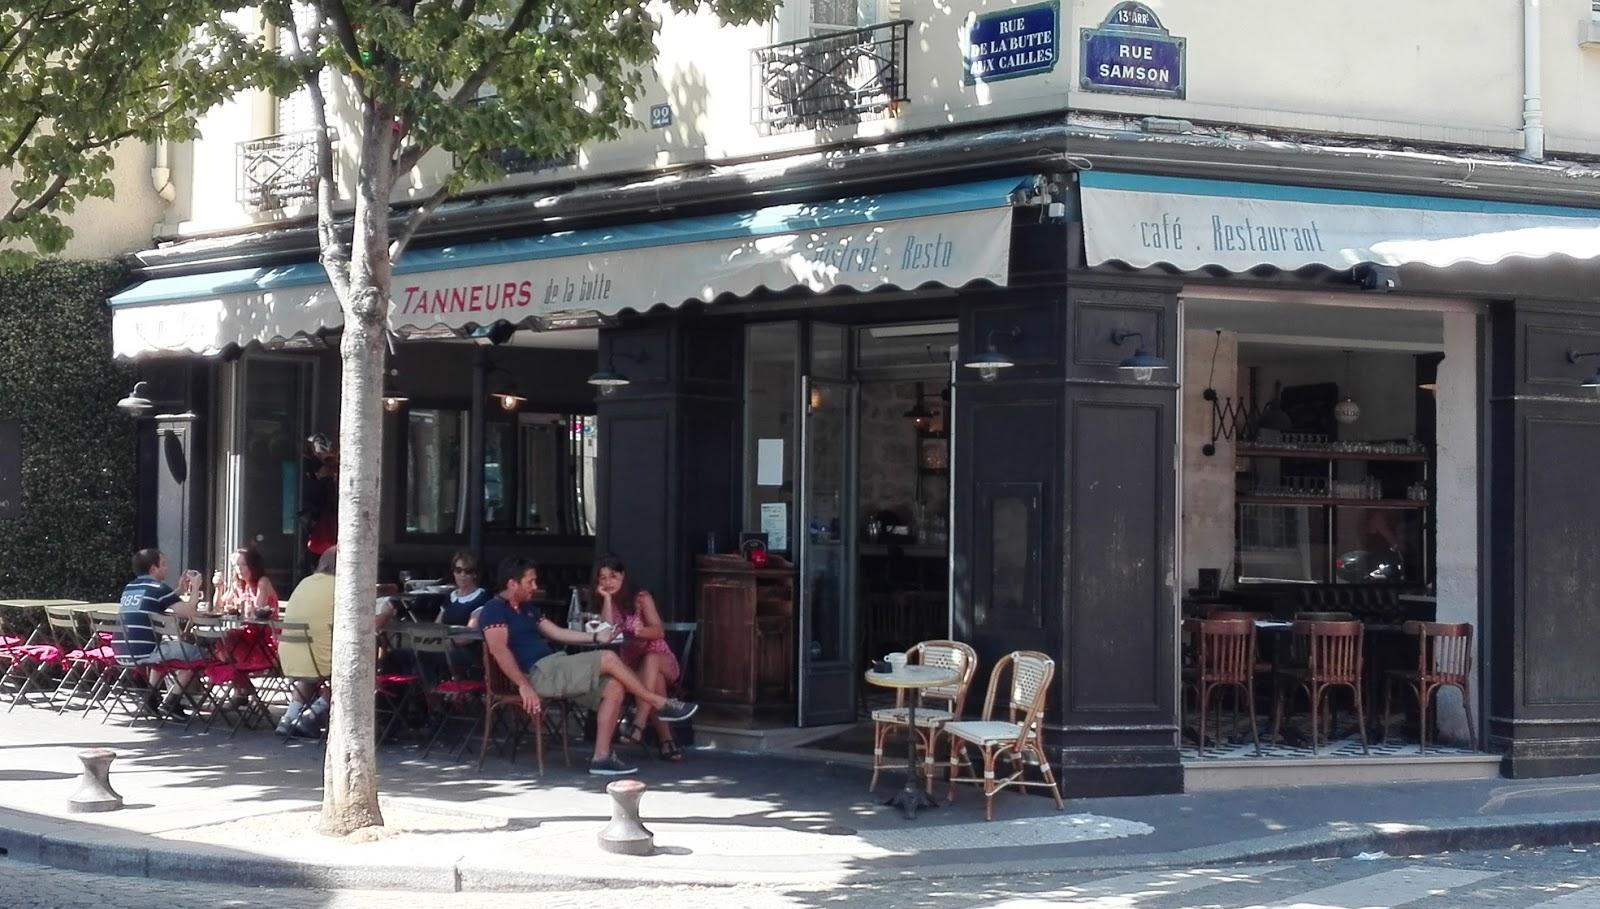 La blogazette des ulis et du hurepoix a la d couverte de la butte aux cailles et sur les - Restaurant buttes aux cailles ...